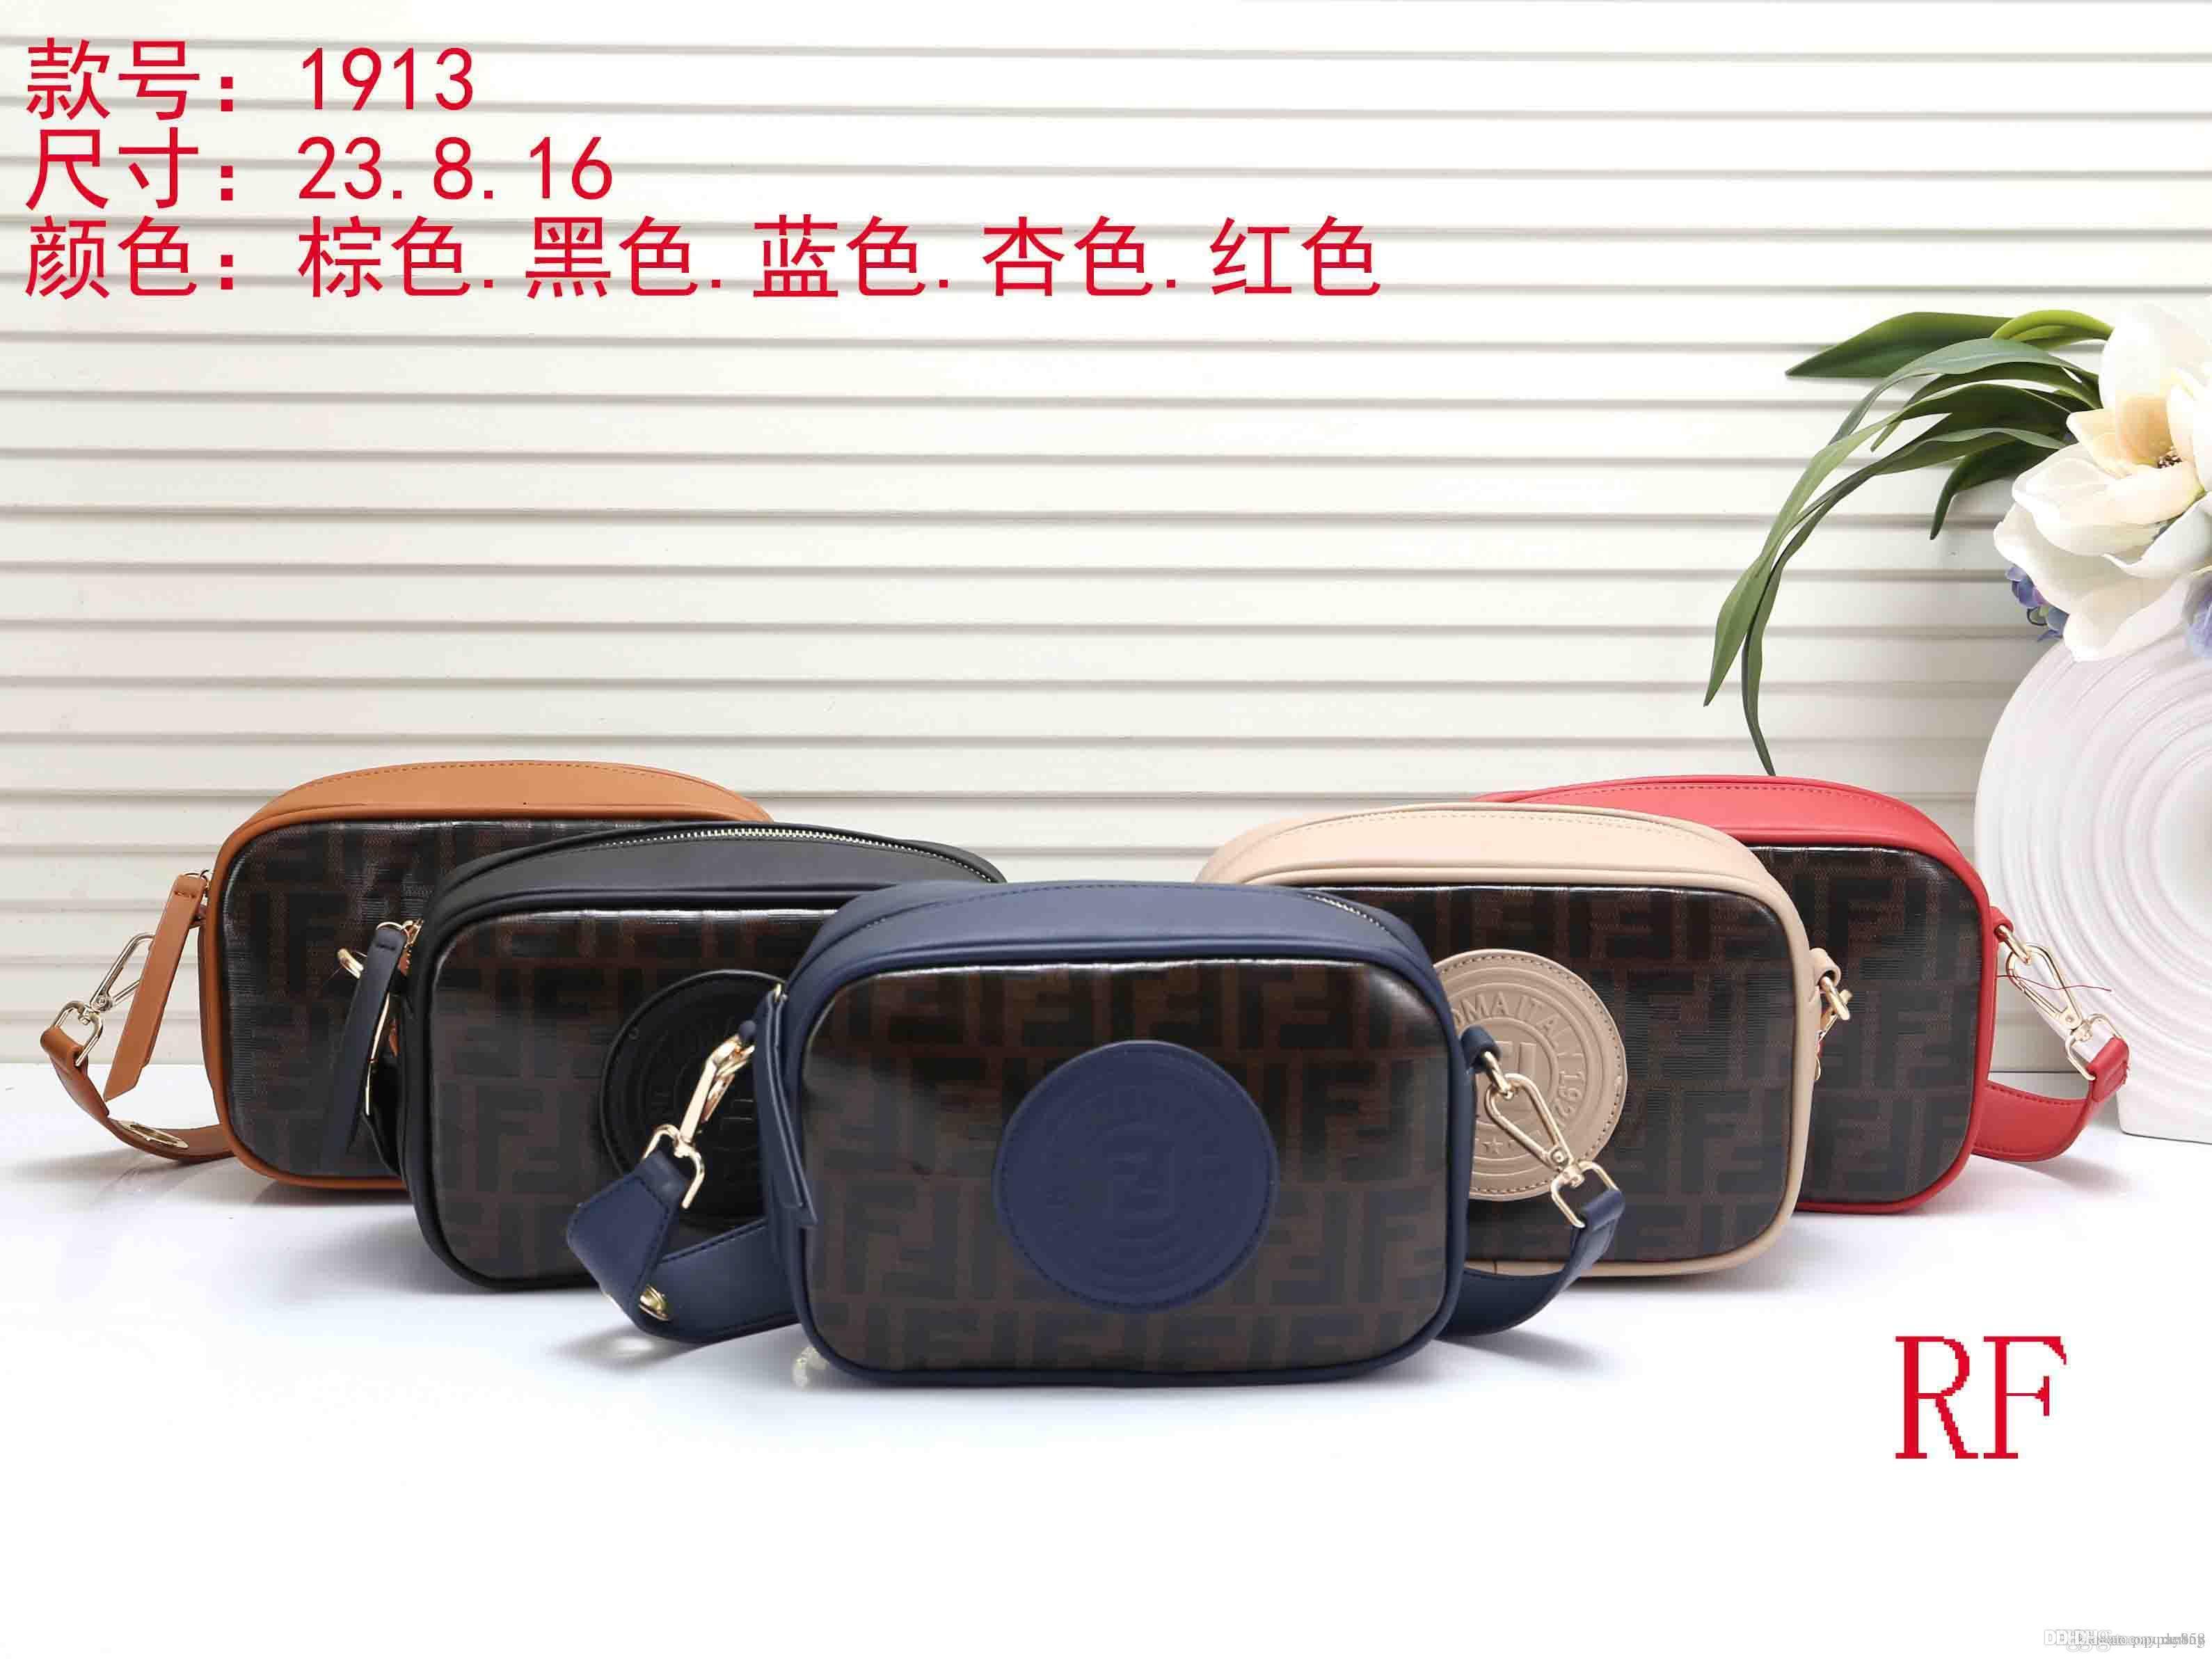 TTT 1913 RF Miglior prezzo delle signore delle donne di alta qualità singola borsa tote spalla zaino borsa Portafoglio MMMMMM